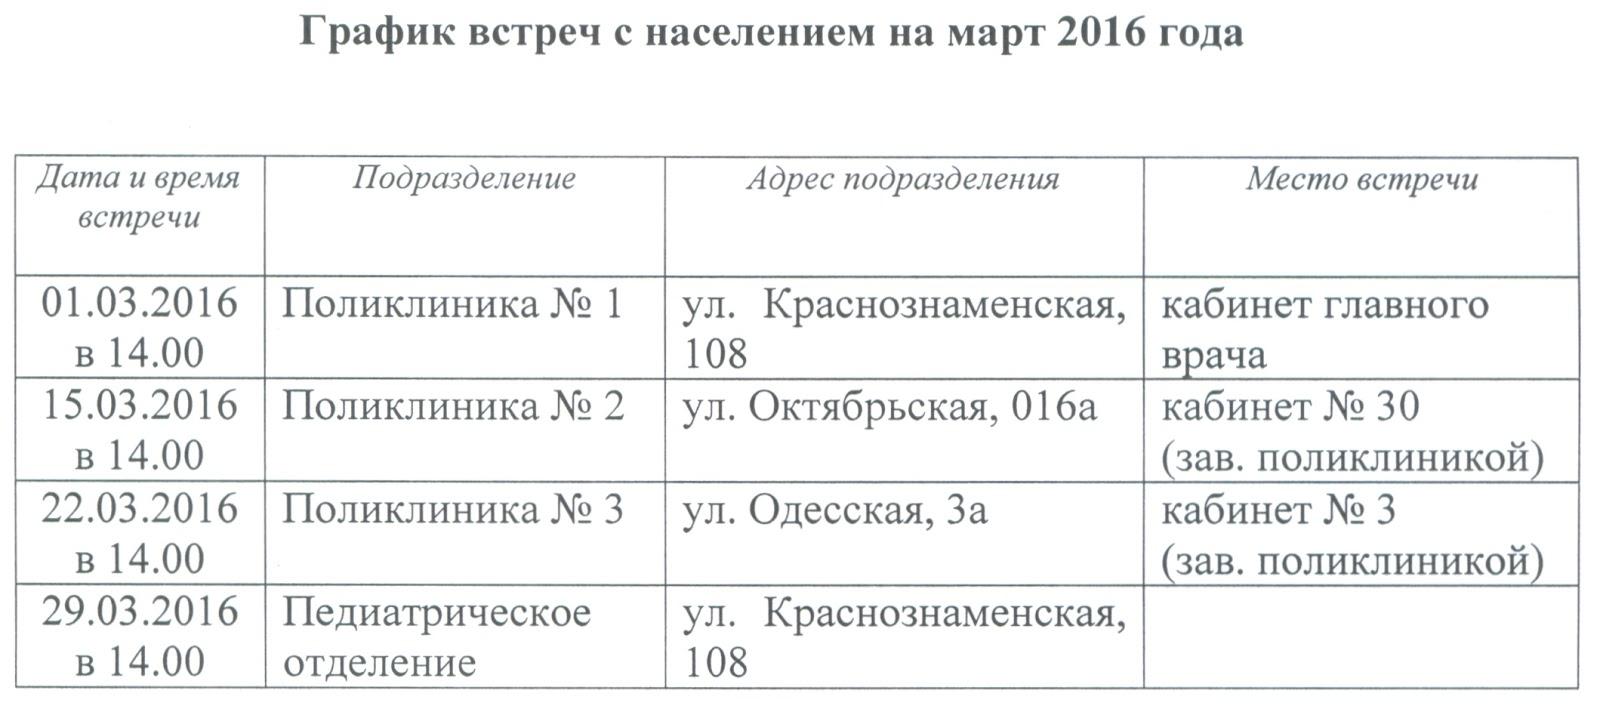 Расписание врачей в детской поликлинике 2 иваново